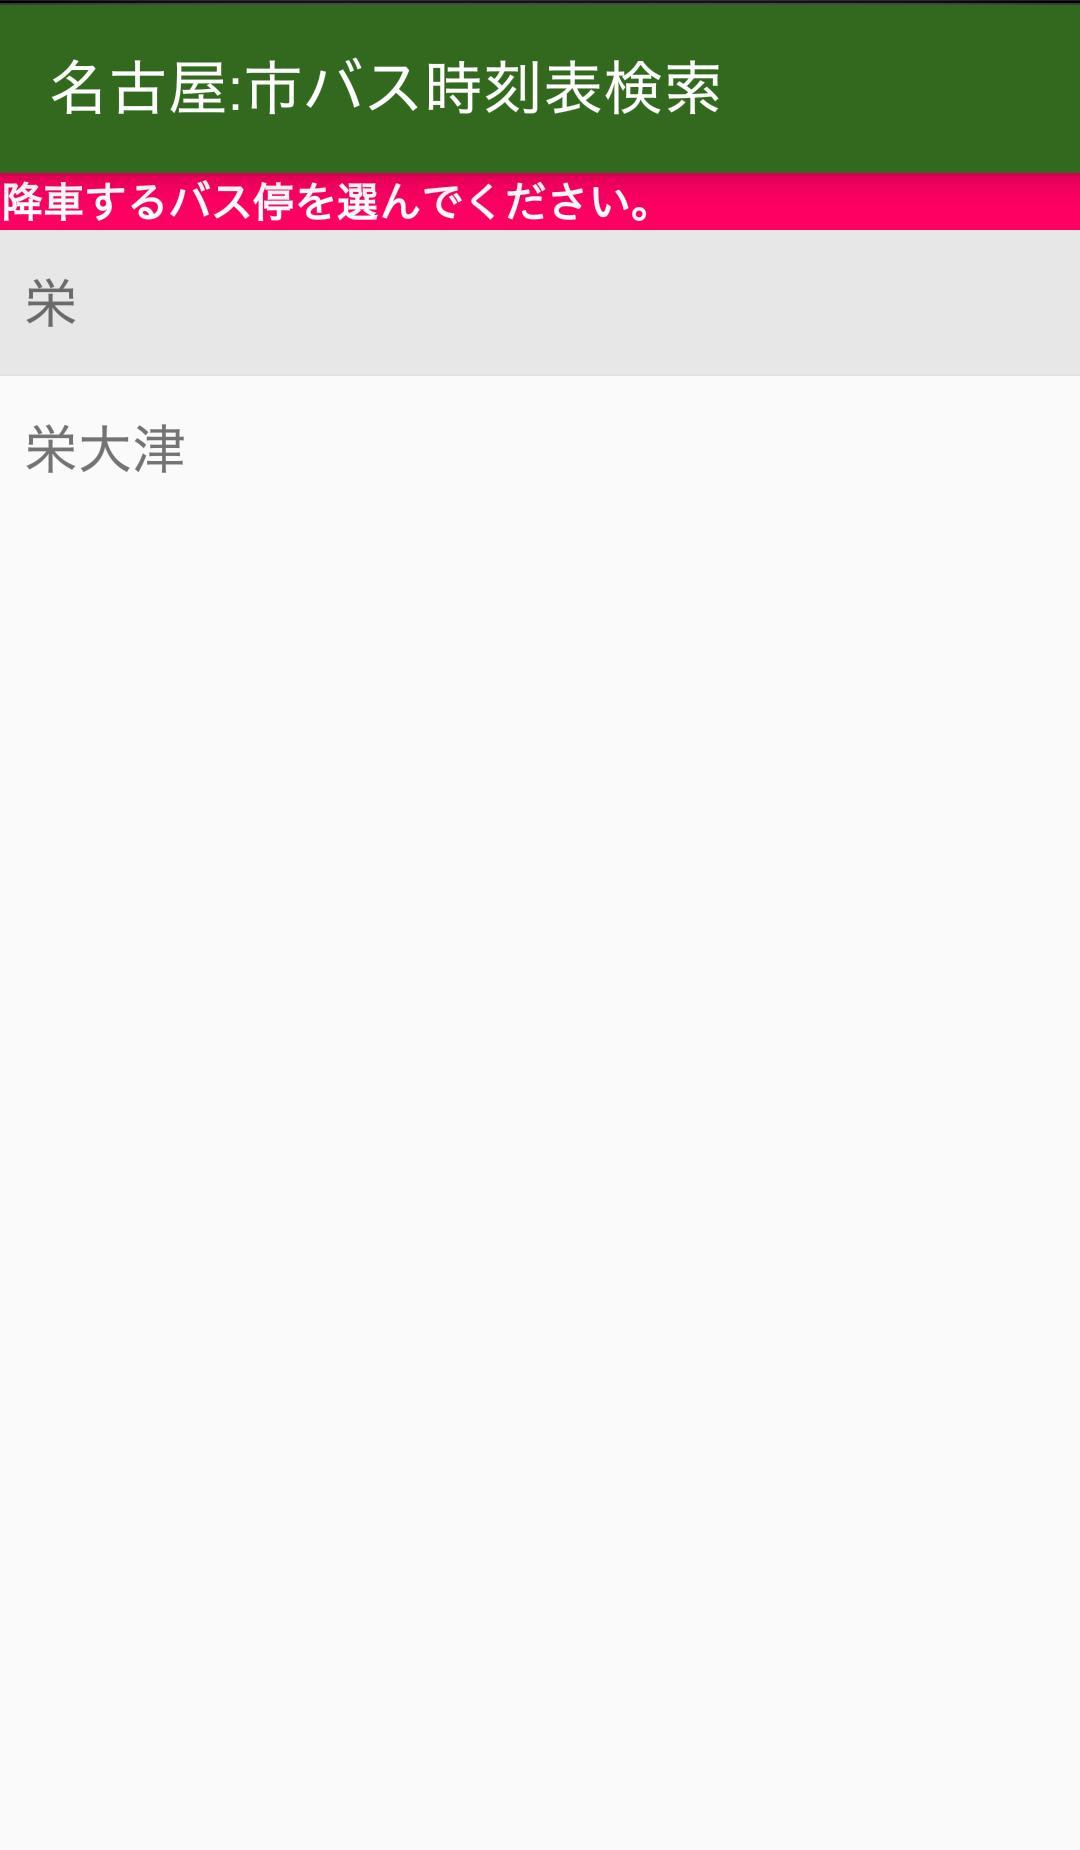 時刻 名古屋 アプリ 市バス 表